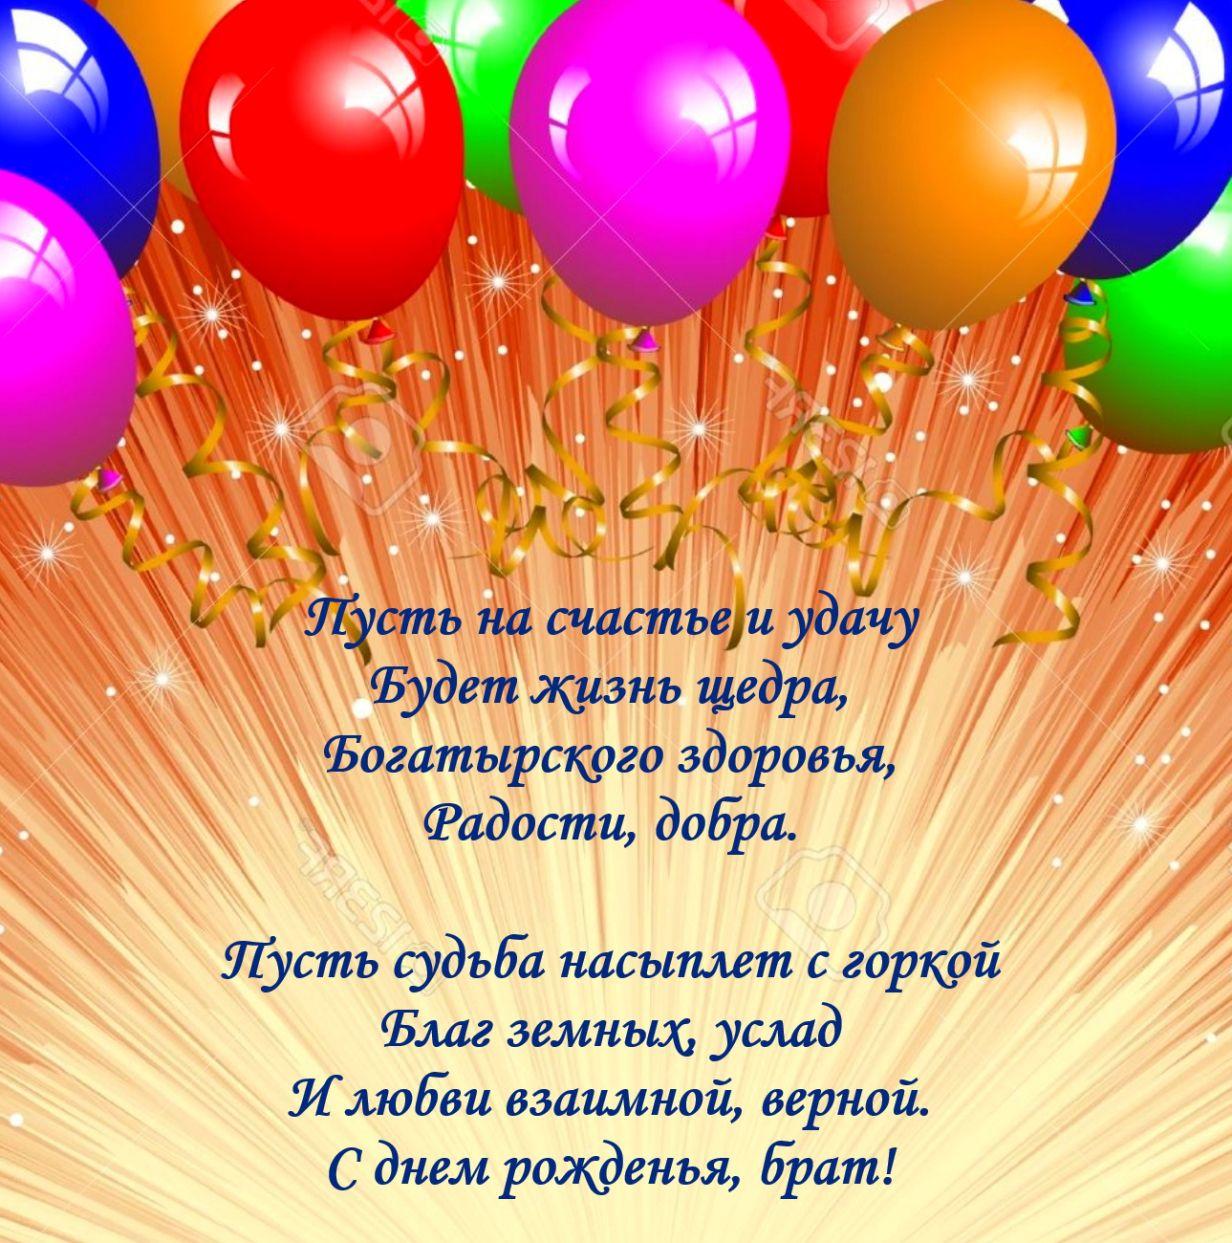 Самое большое поздравление в стихах с днем рождения